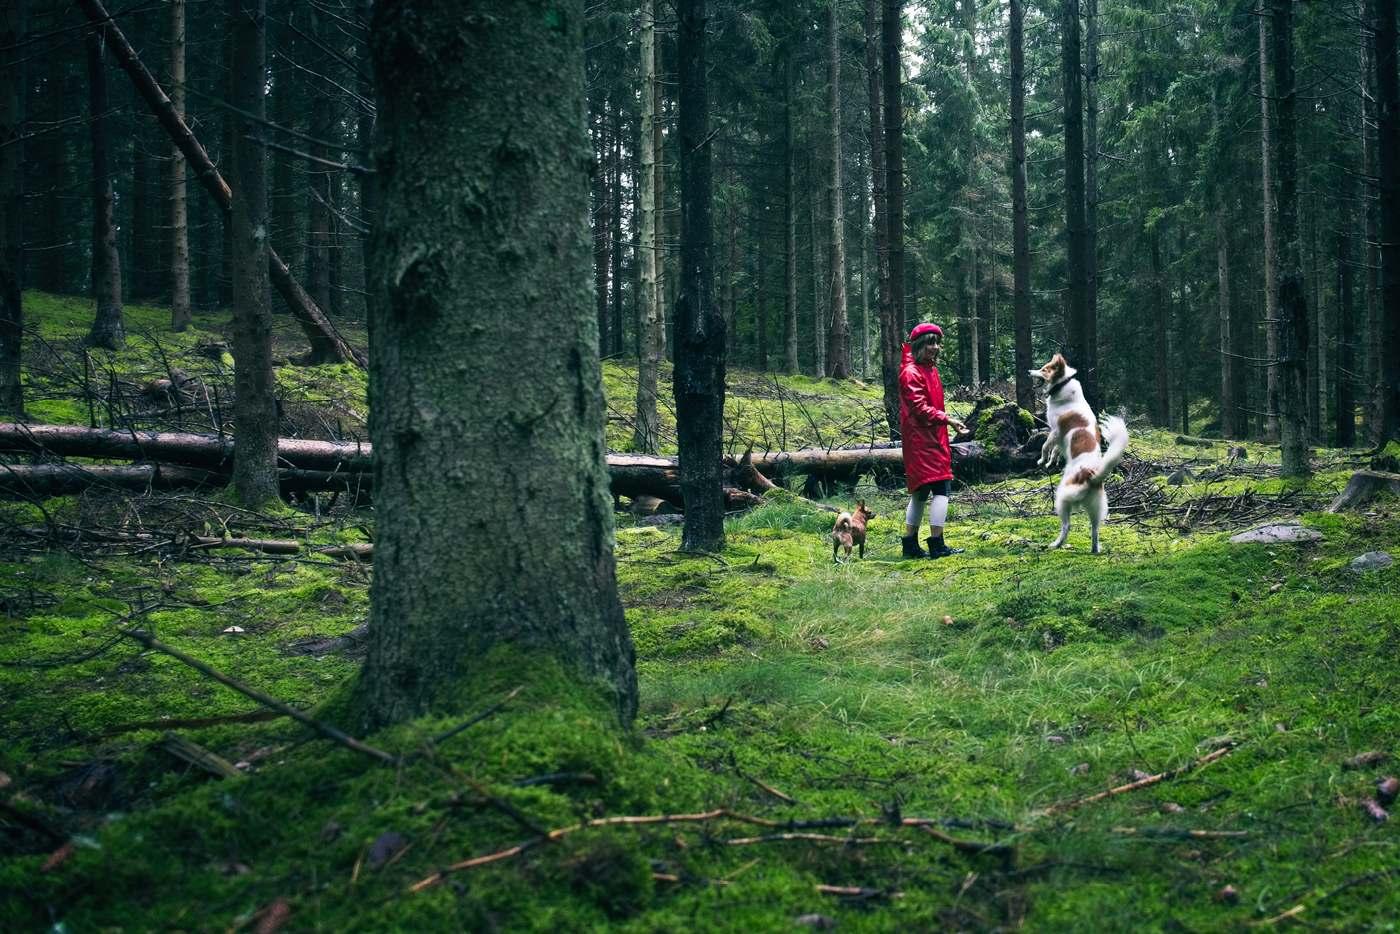 gdzie jechac jesienia lubowo powiat koszalinski okolice Koszalina